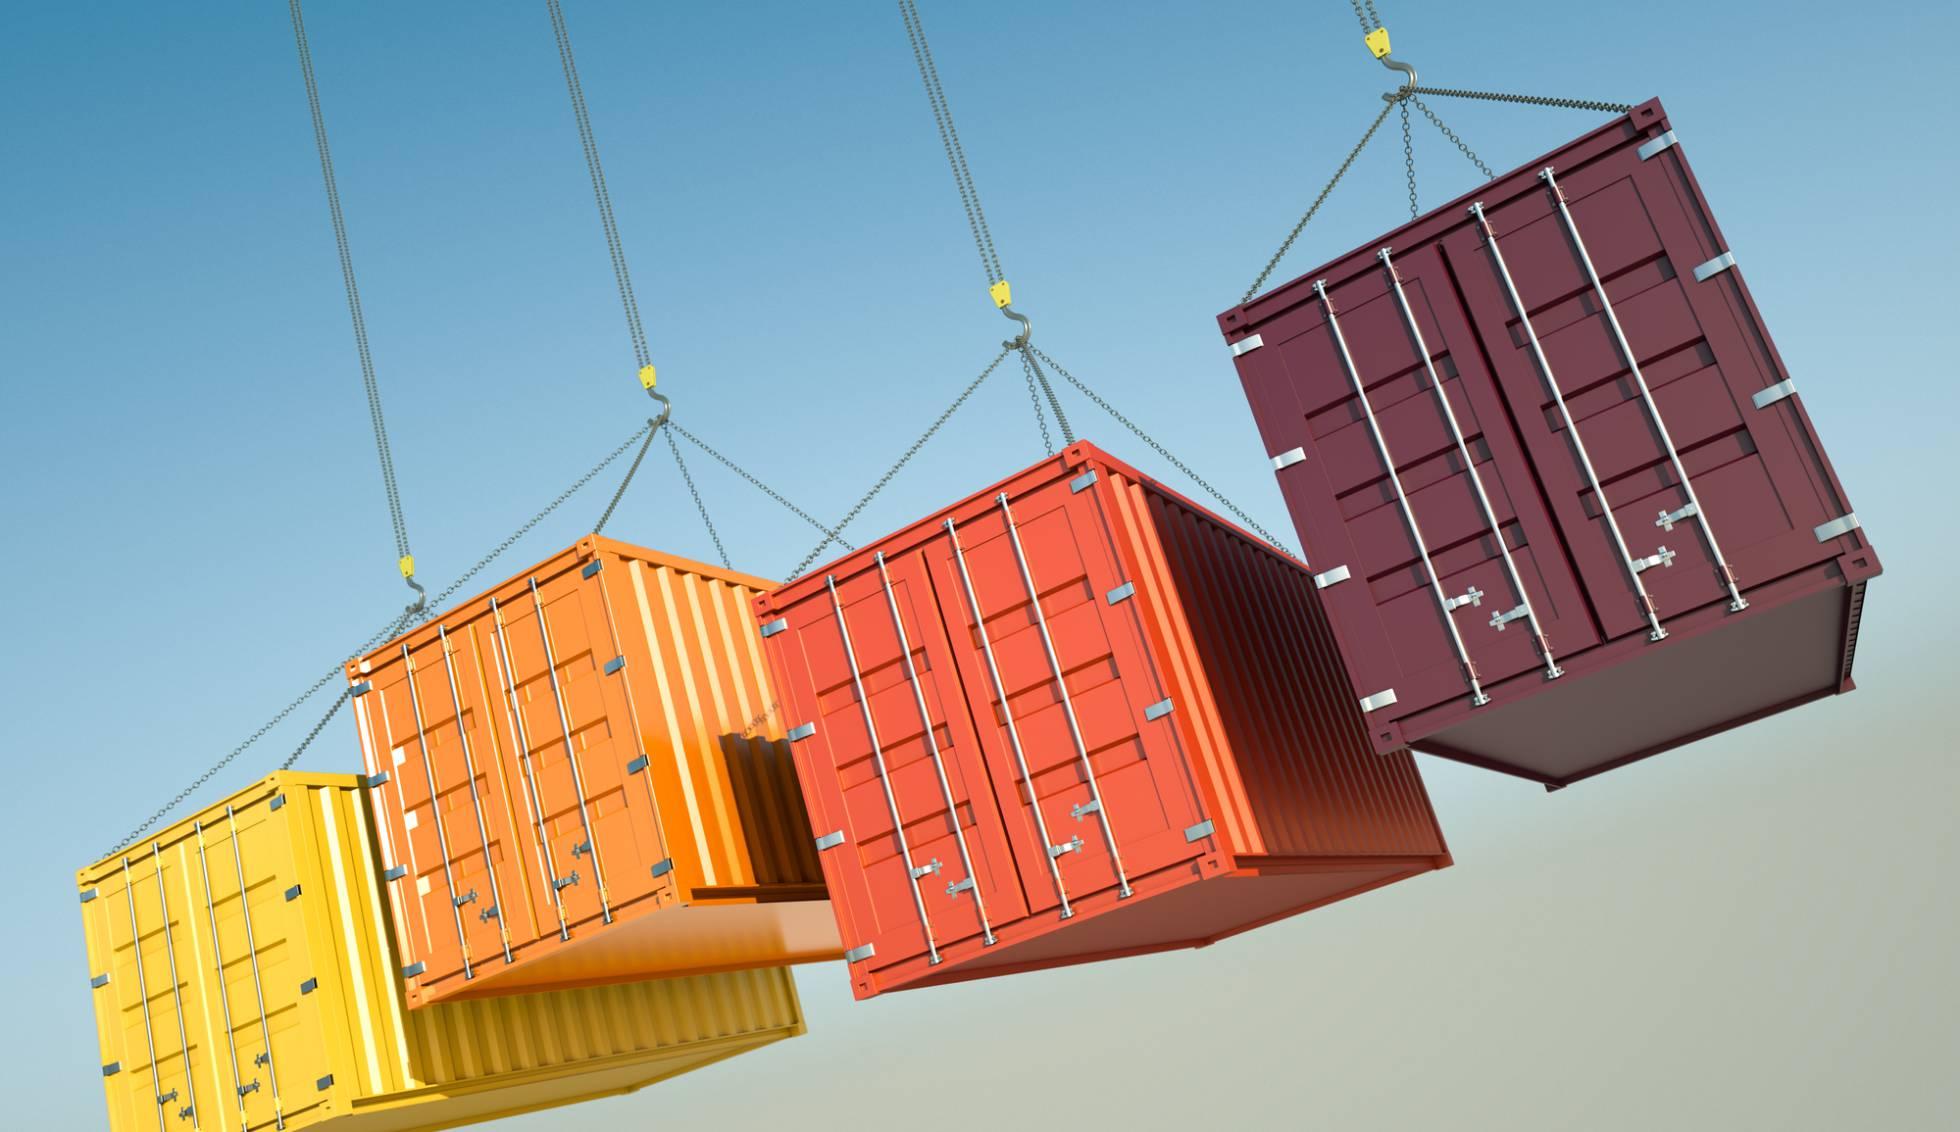 Торговые ограничения при экспорте из РФ продукции в Китай и Индию